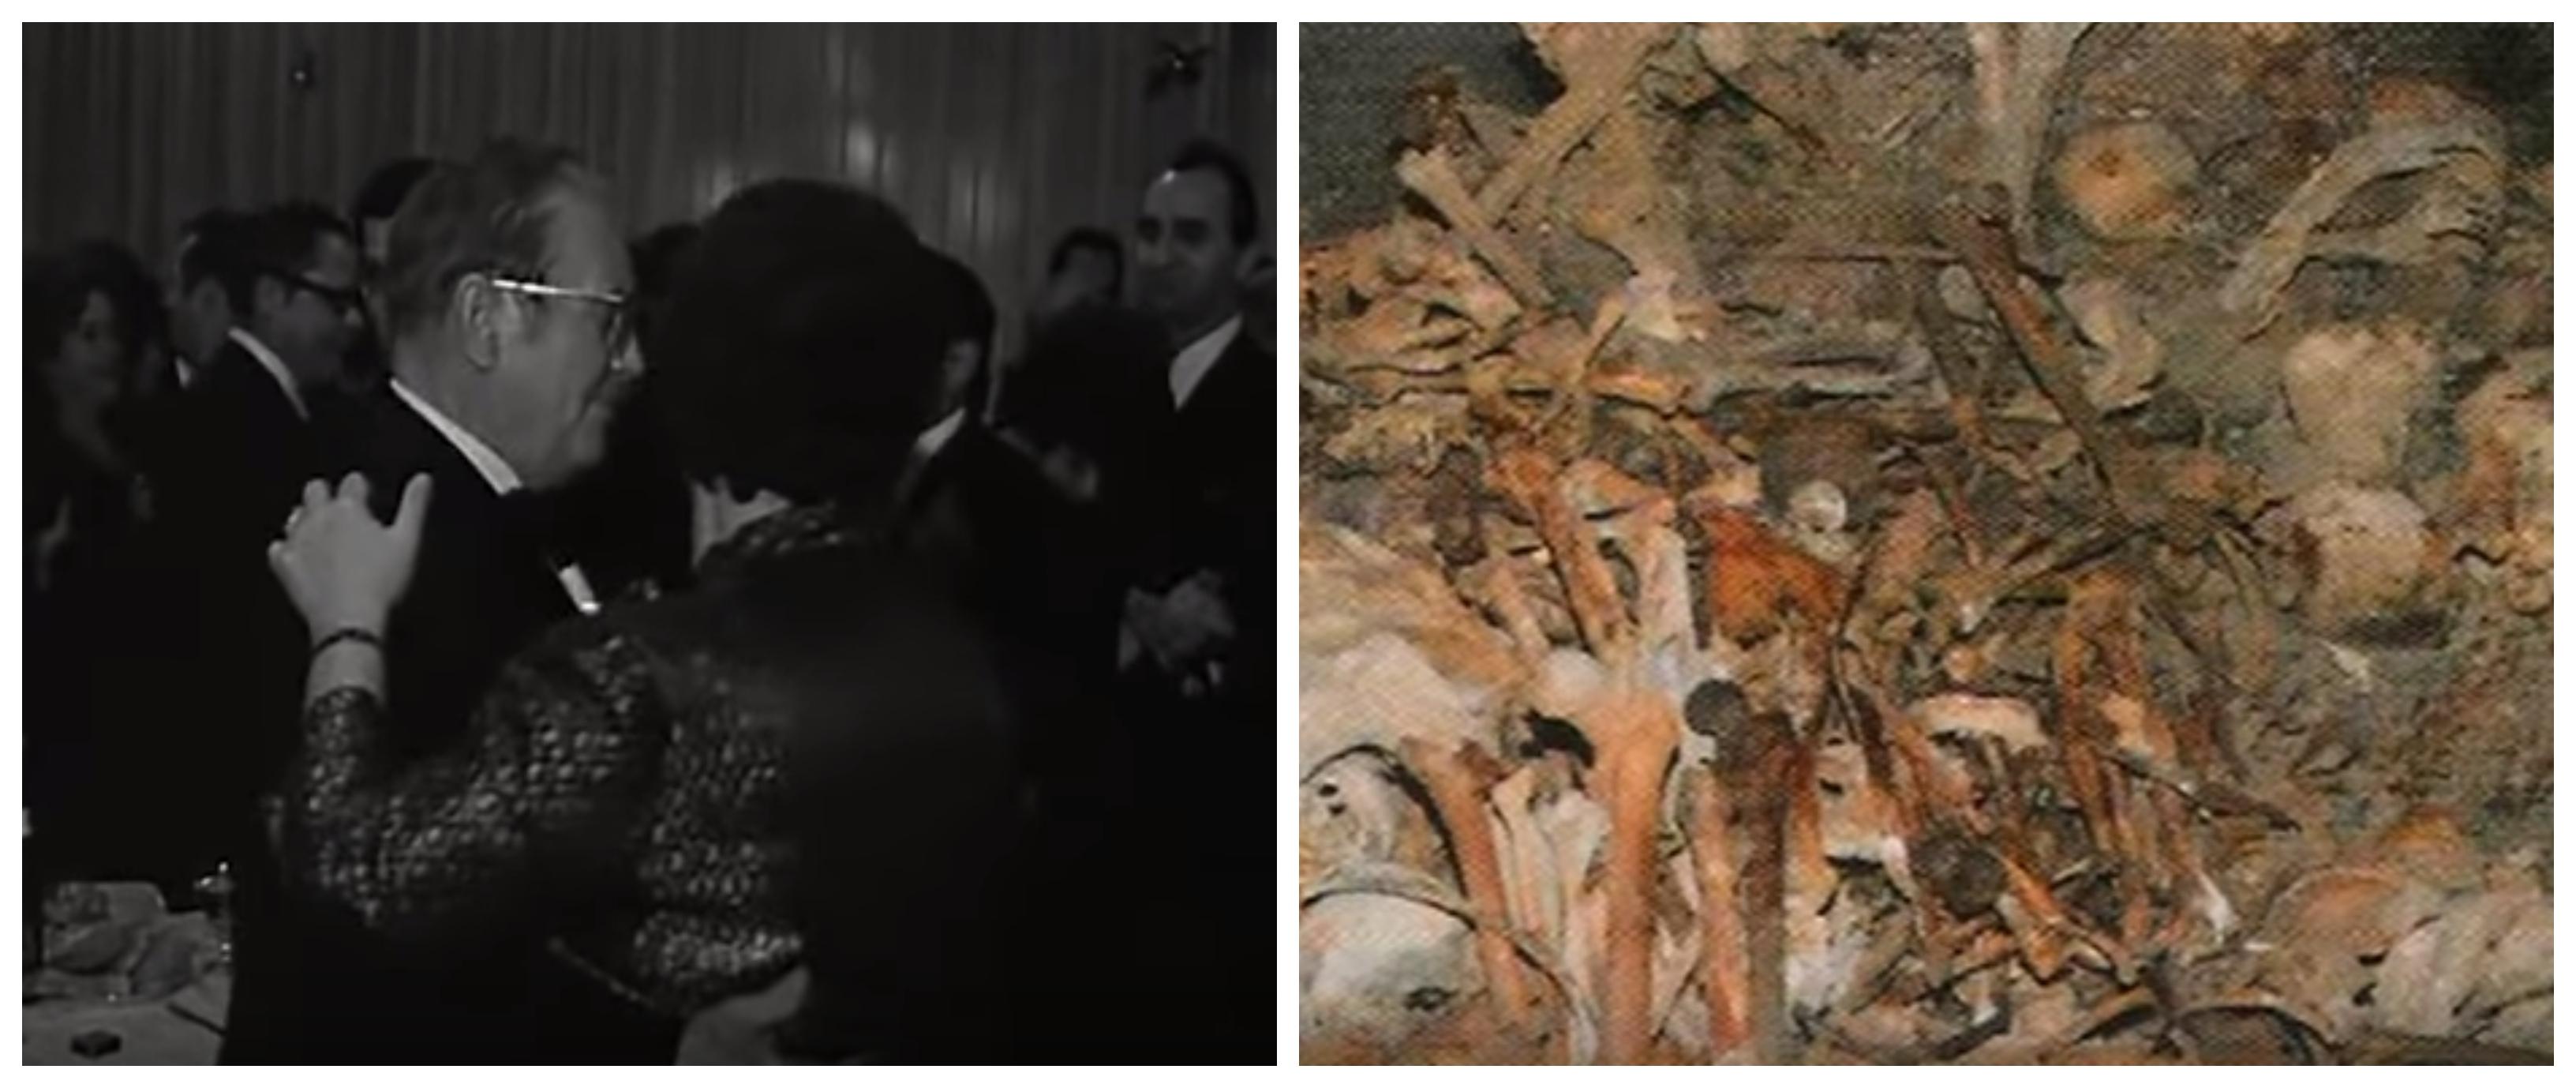 Na levi strani Josip Broz Tito s svojo Jovanko, na desni slika iz Hude jame. (Foto: Youtube)